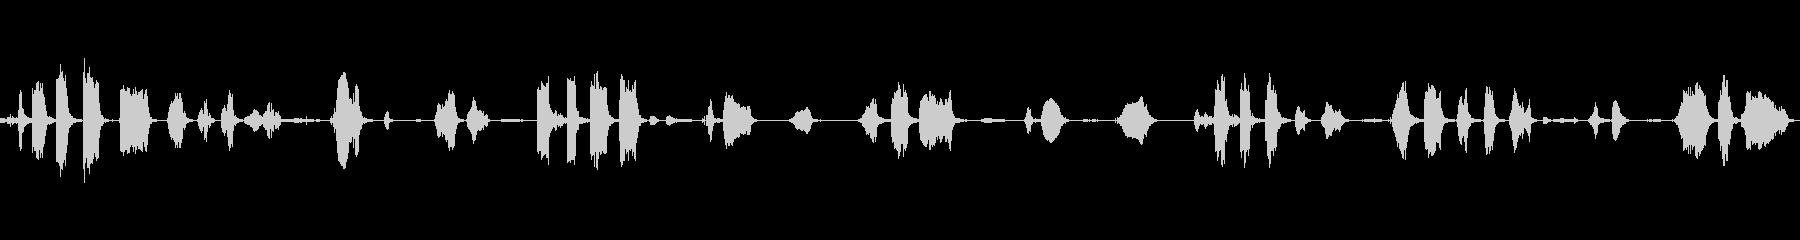 鳴き声:子供の笑い声の未再生の波形